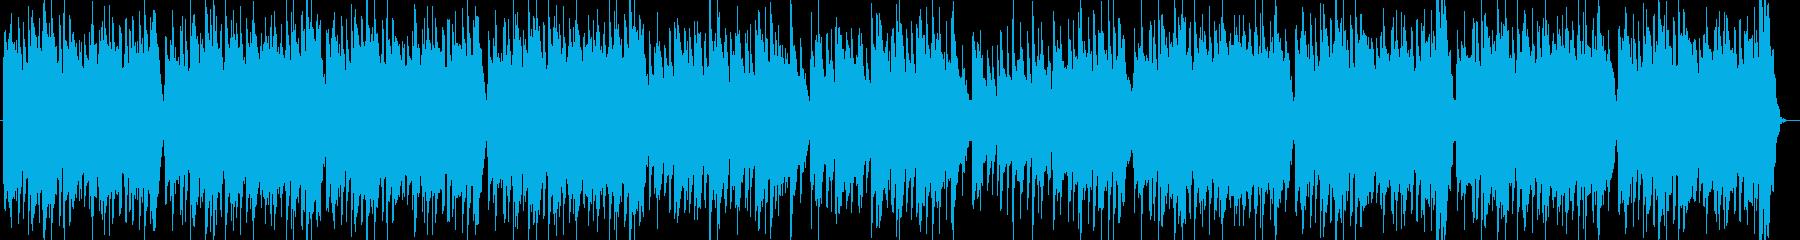 ファンタジー感のあるもの悲しいオカリナ曲の再生済みの波形